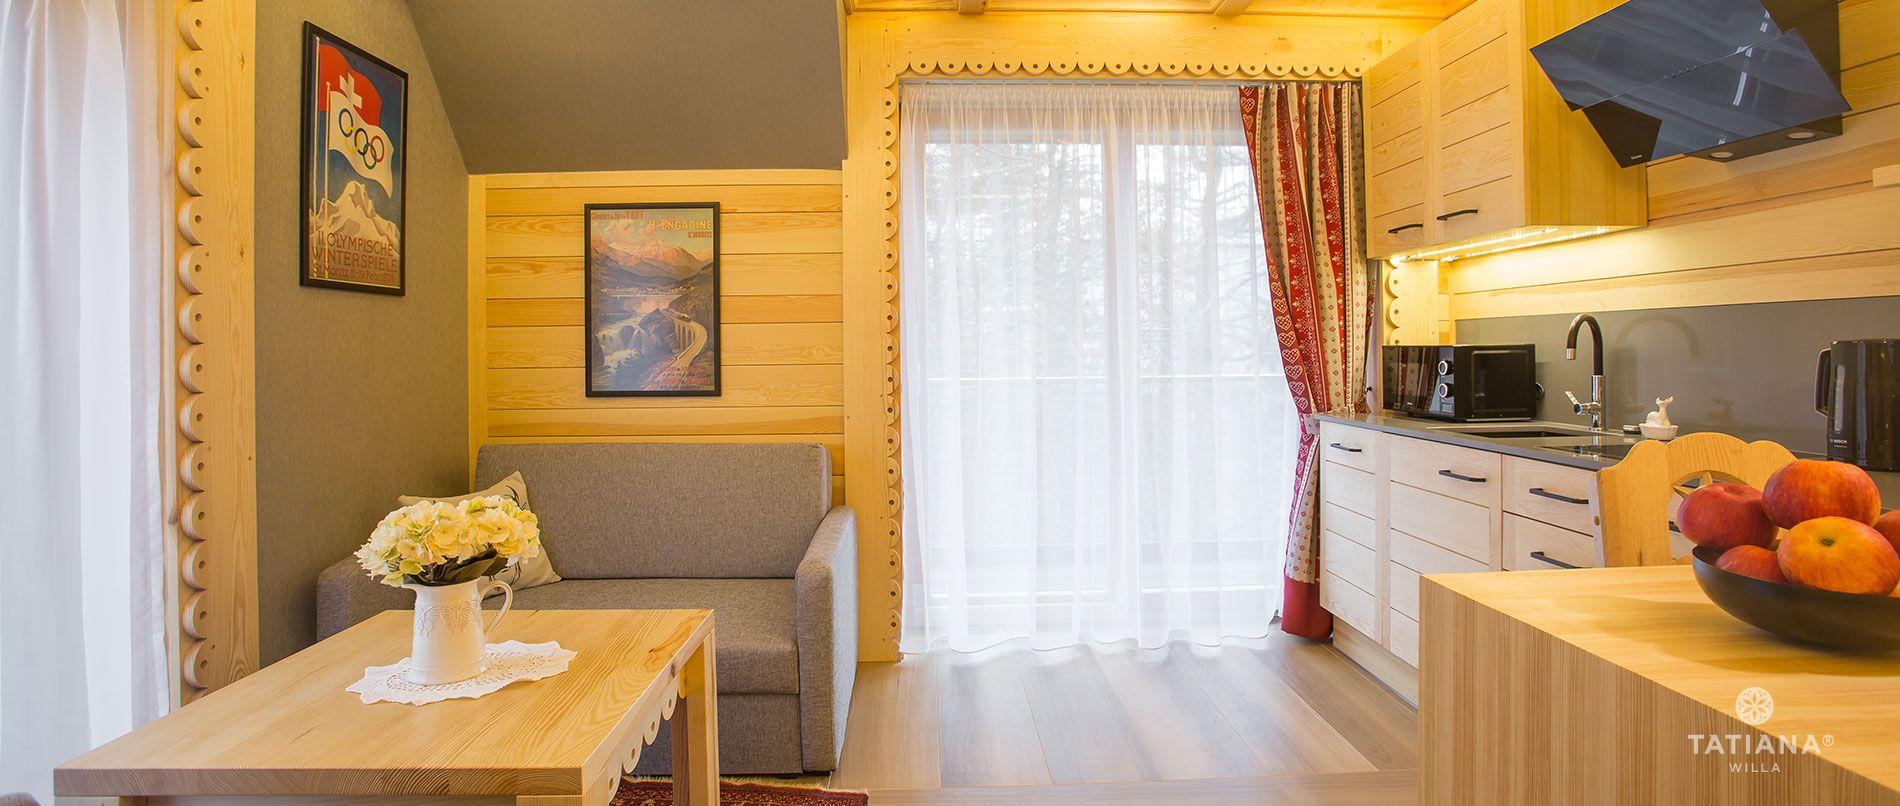 Apartament Alpejski - aneks kuchenny